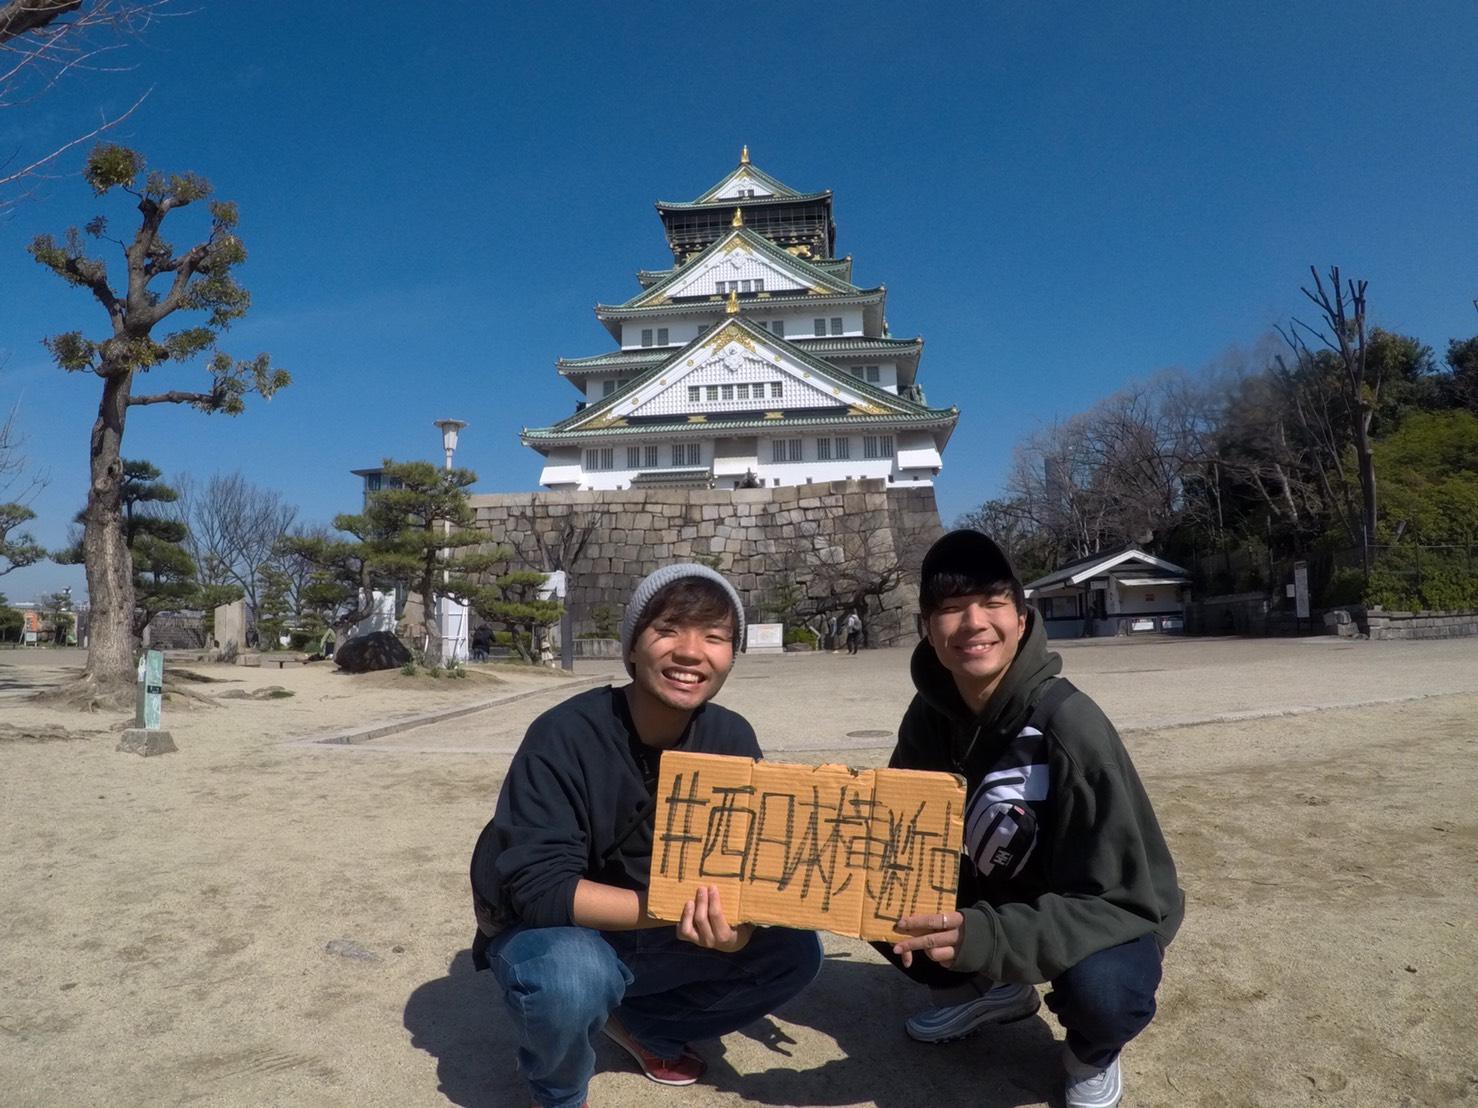 ヒッチハイク西日本横断をしたときの写真